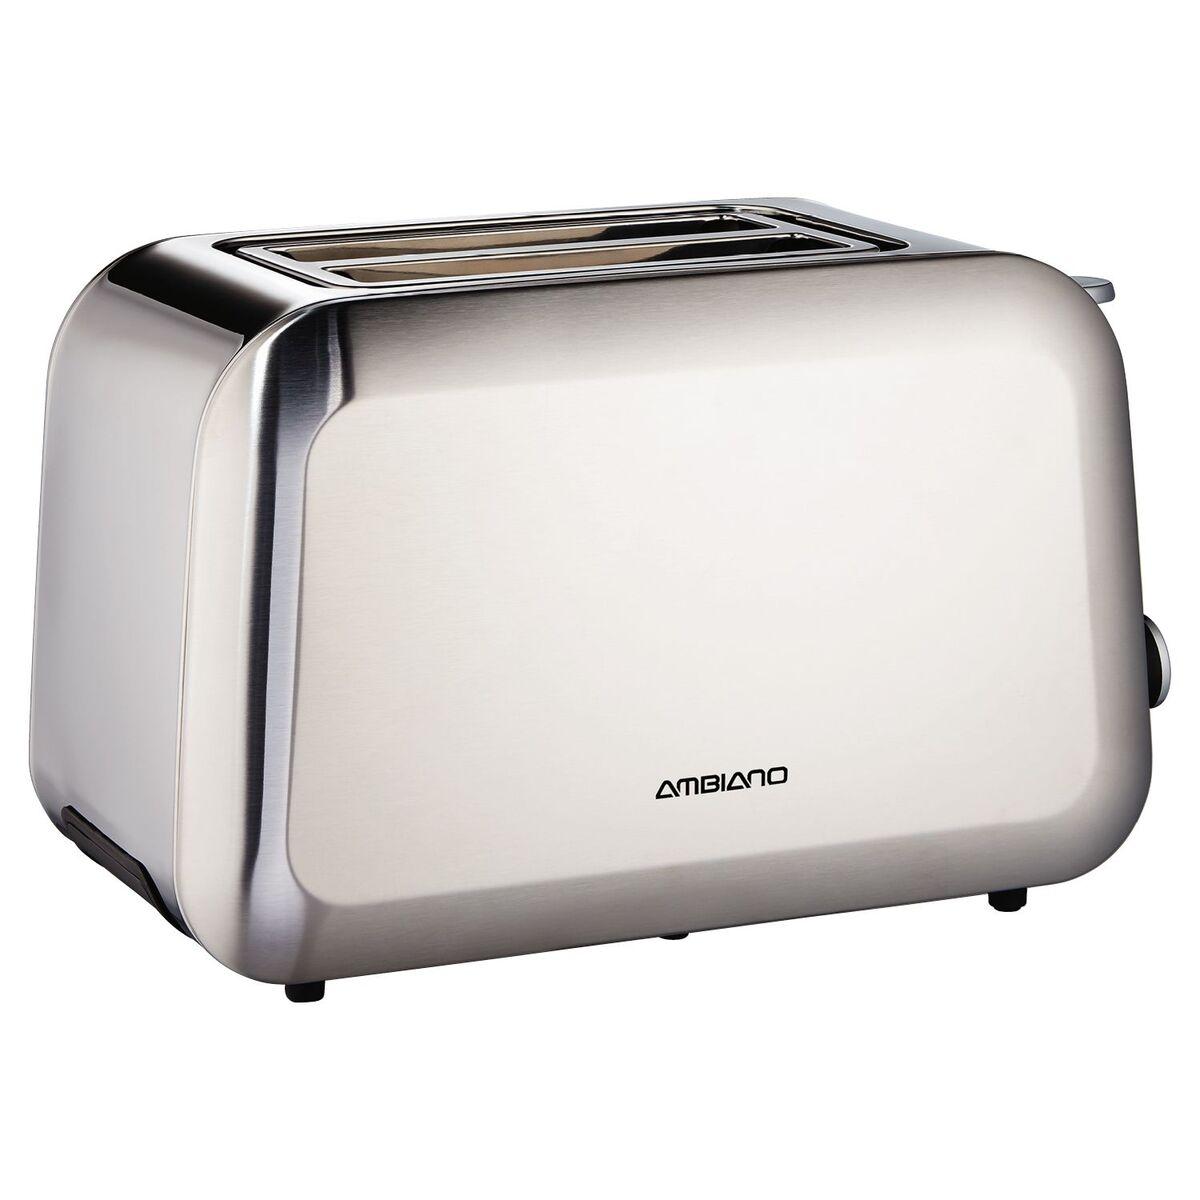 Bild 1 von AMBIANO®  Edelstahl-Toaster